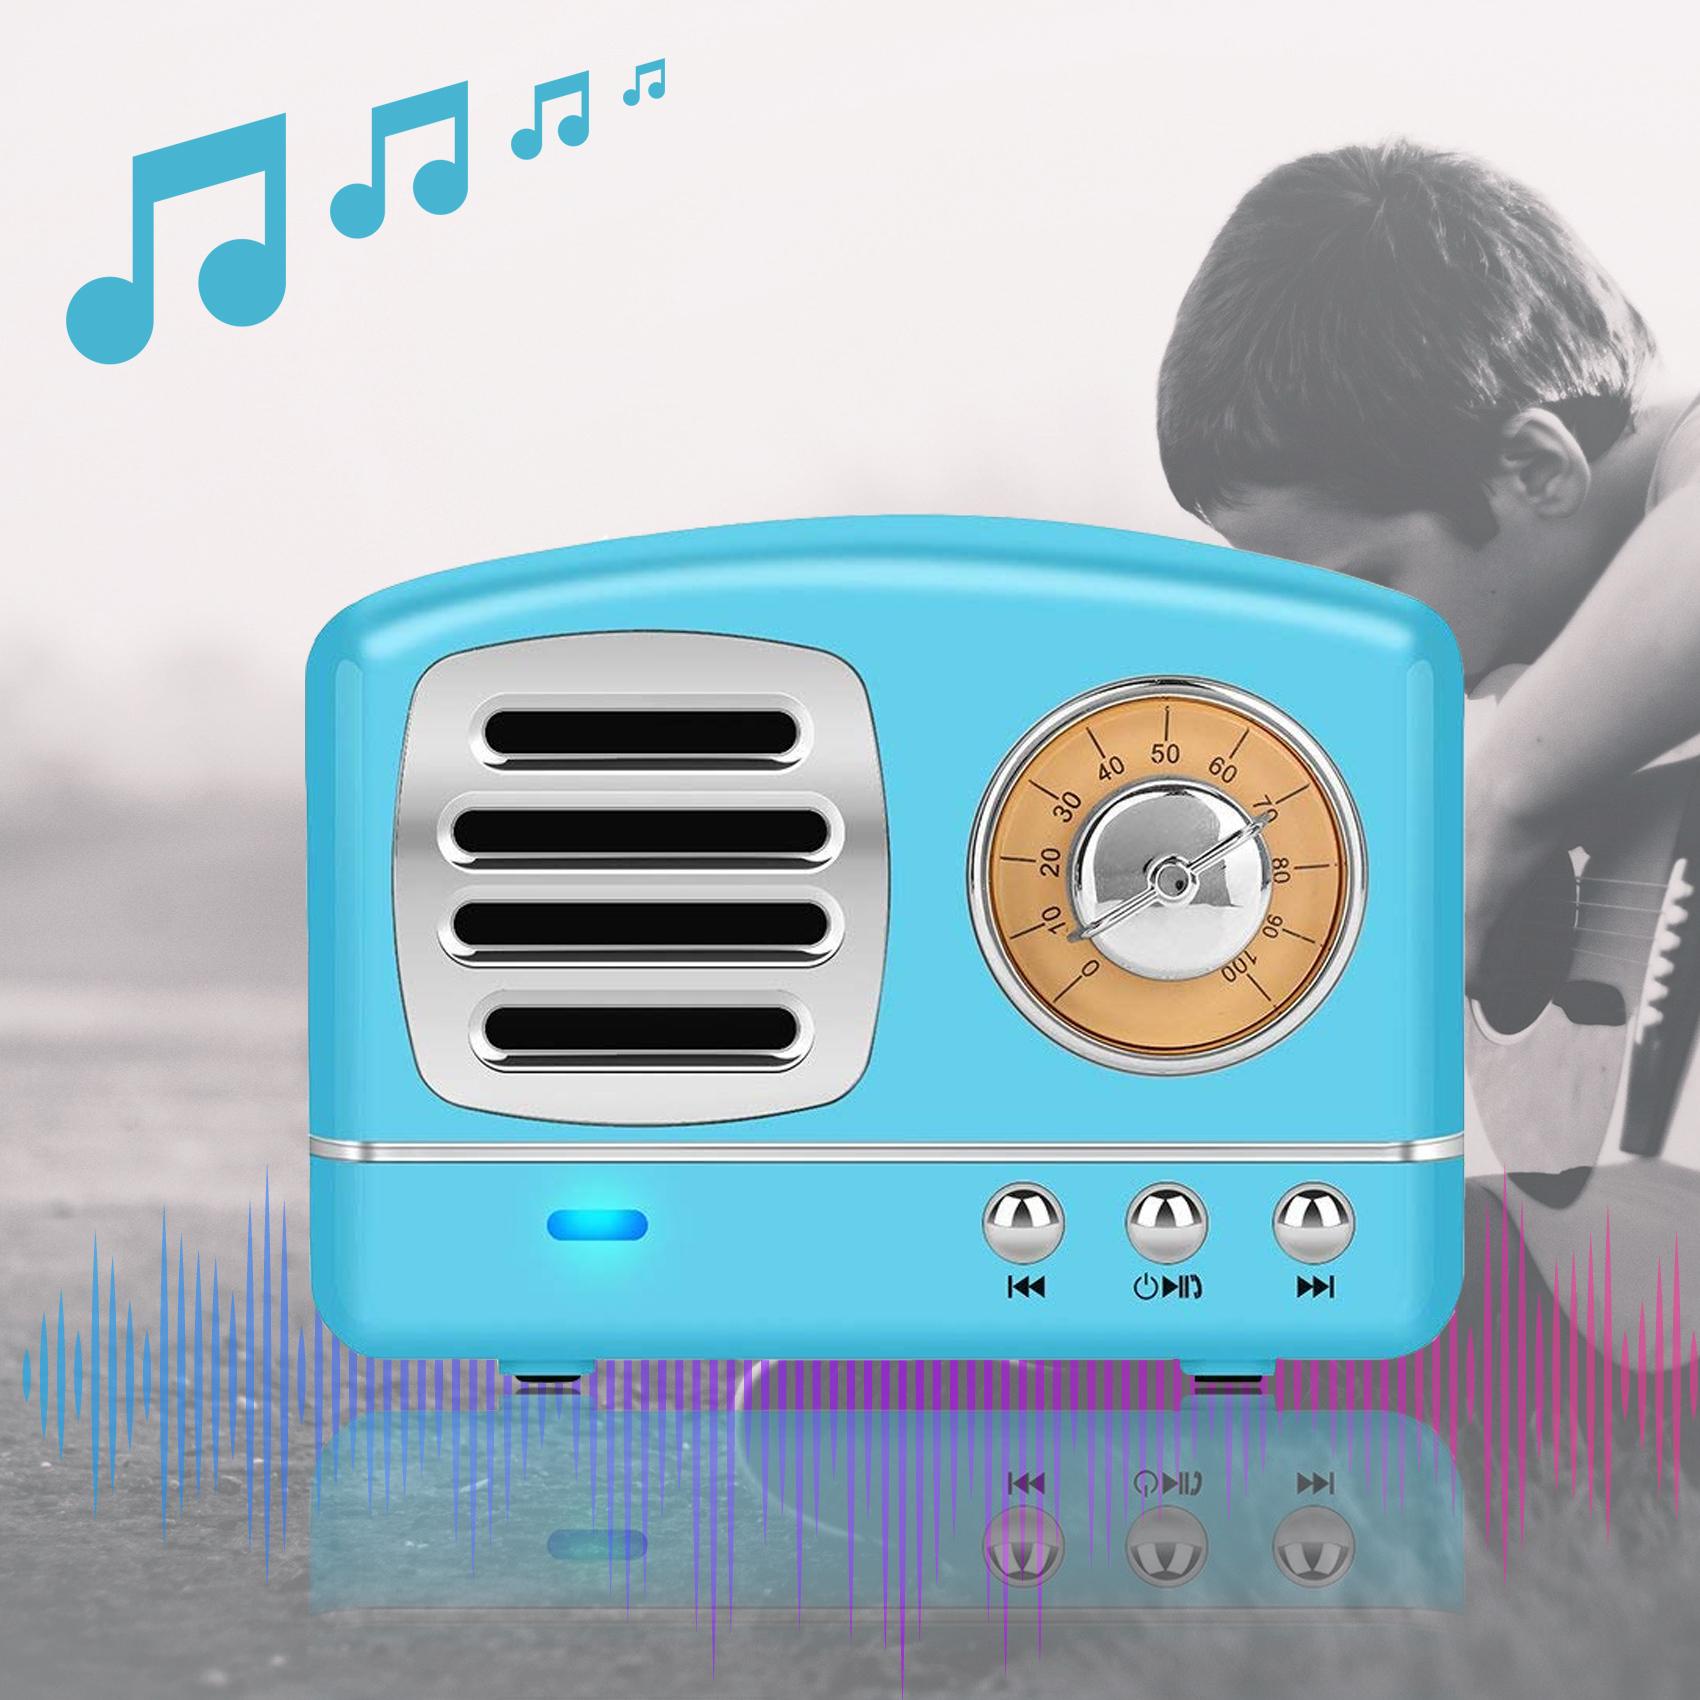 Multifunction Retro Design Bluetooth Speaker - Blue